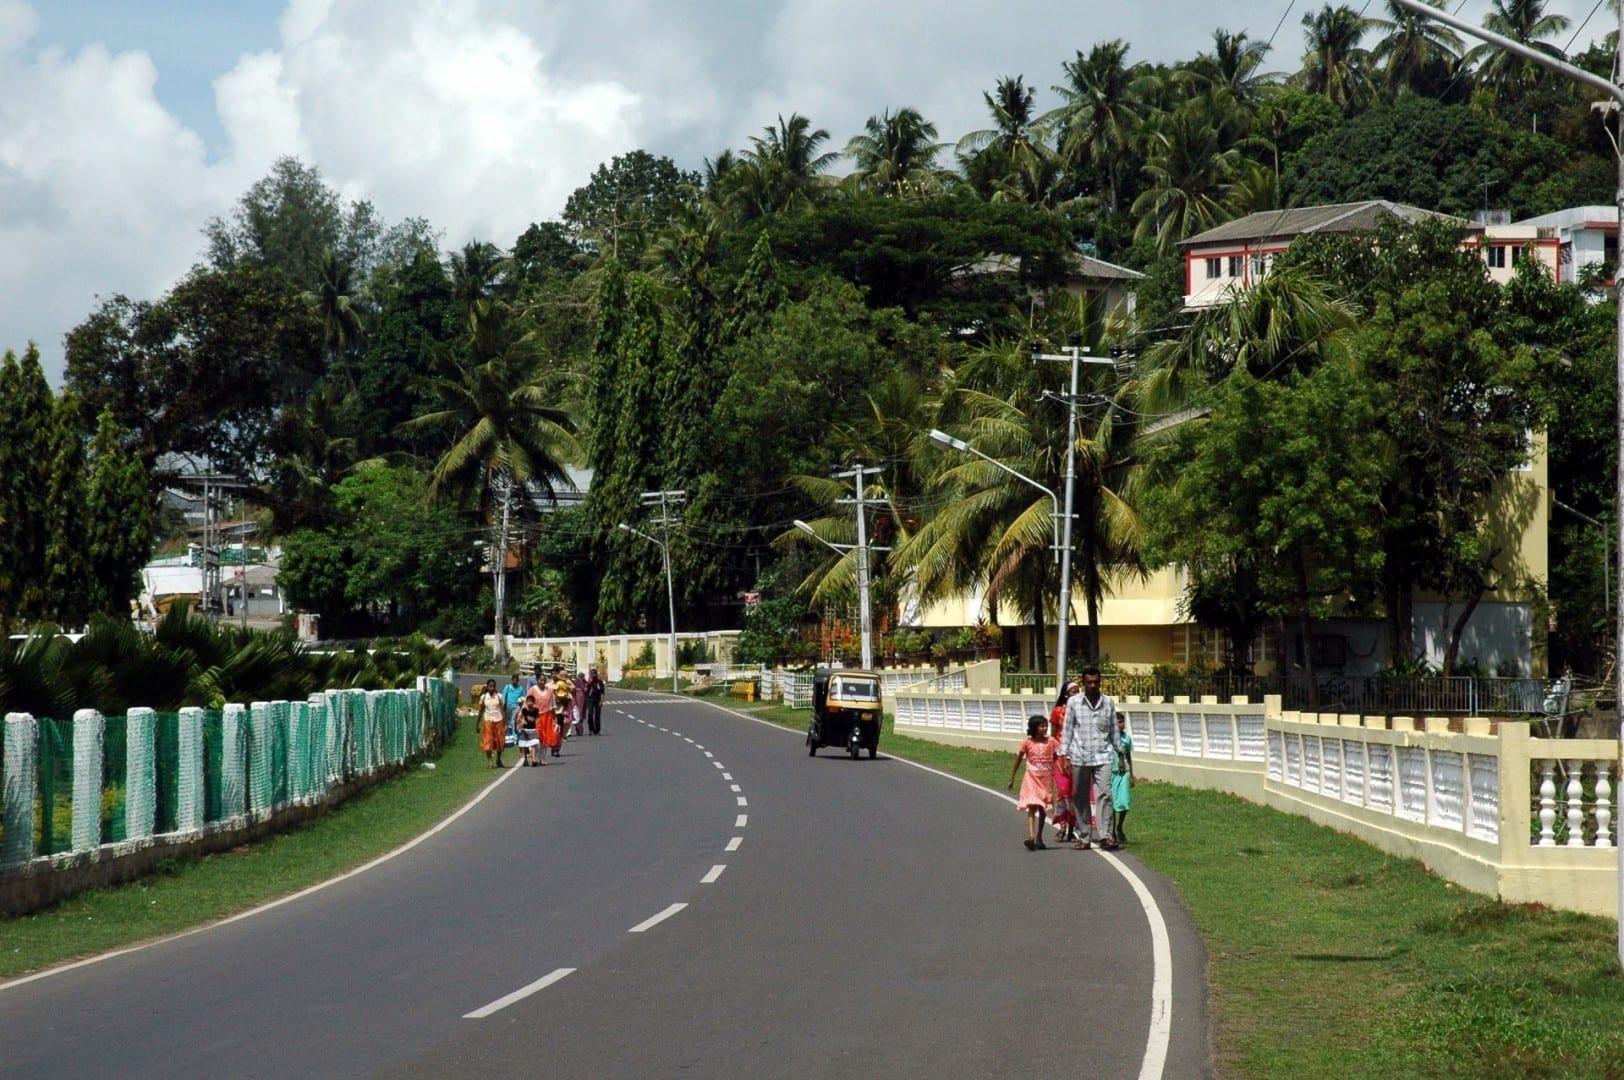 El paseo marítimo de Port Blair, uno de los pocos lugares agradables de la ciudad Port Blair India